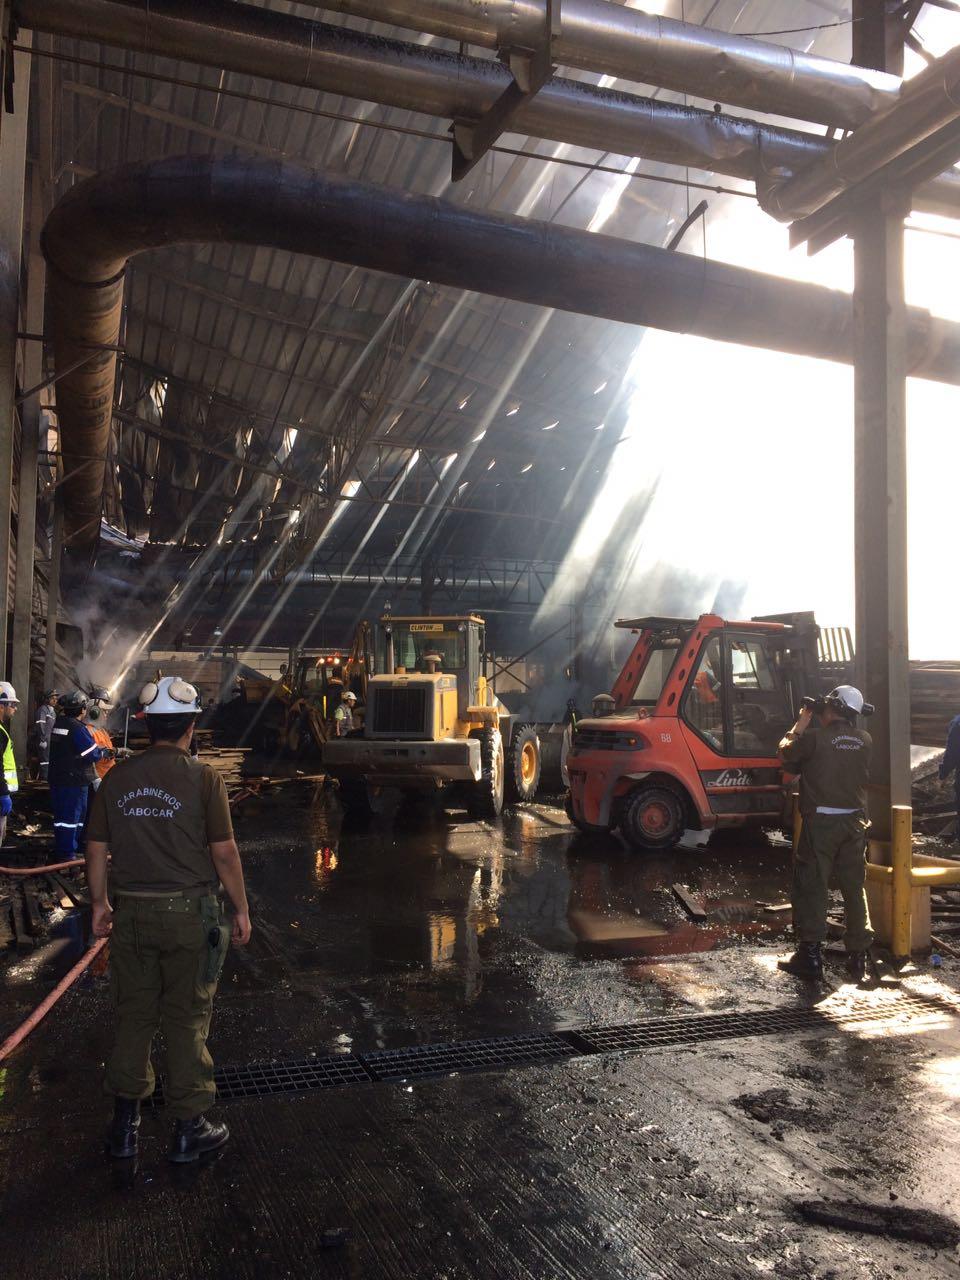 Maquinaria quemada y escombros dentro de la bodega